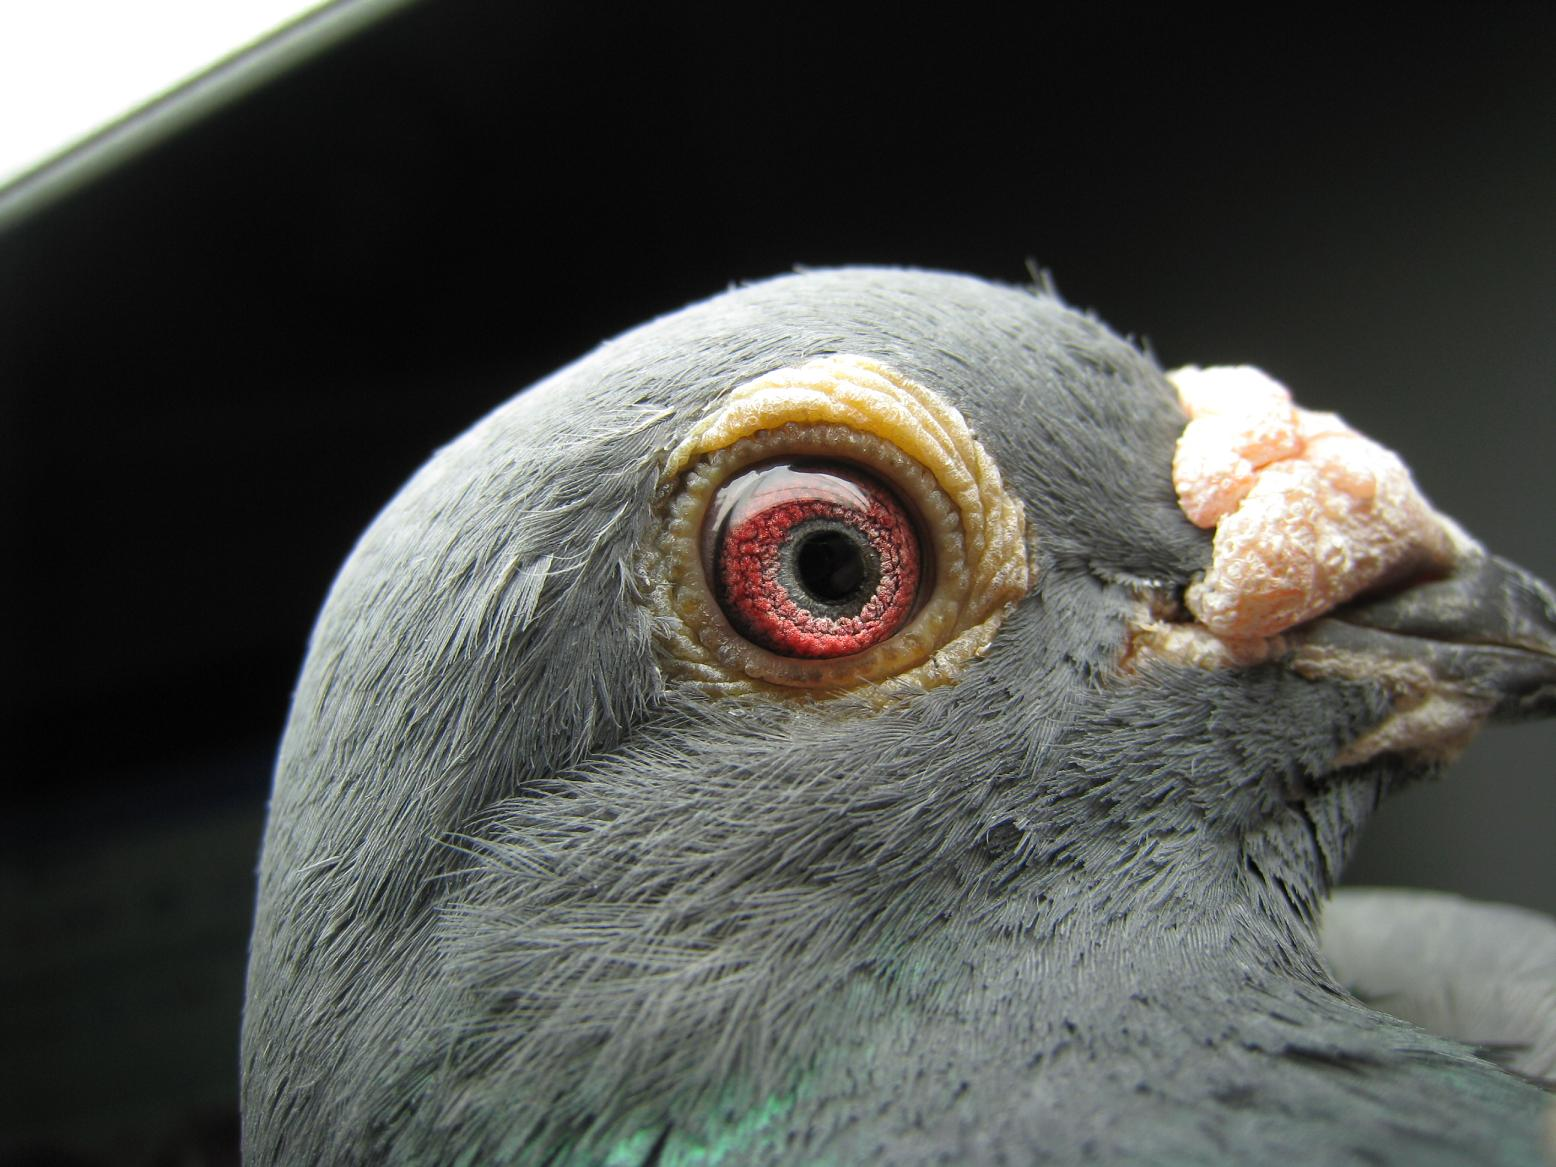 信鸽眼解刨图_请分析刚买的雄鸽鸽眼的好坏(左)-天下鸽问-ask.chinaxinge.com